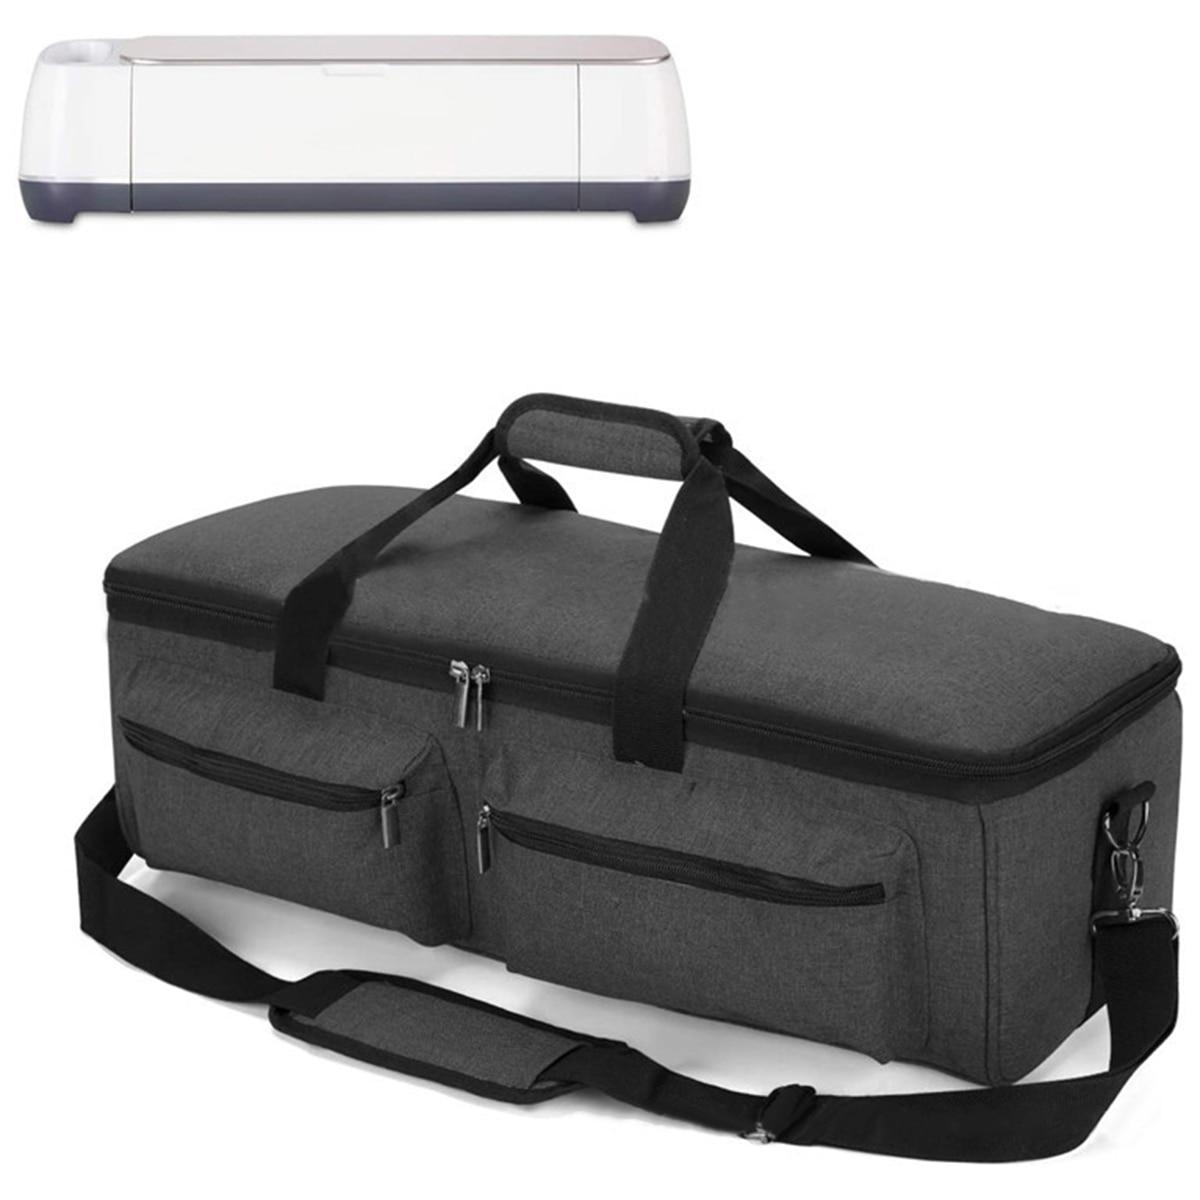 Bolsa de transporte Bolso grande para almacenamiento para Cricut Explore Air, fabricante de Cricut, camafeo de silueta 4 gris púrpura rosa